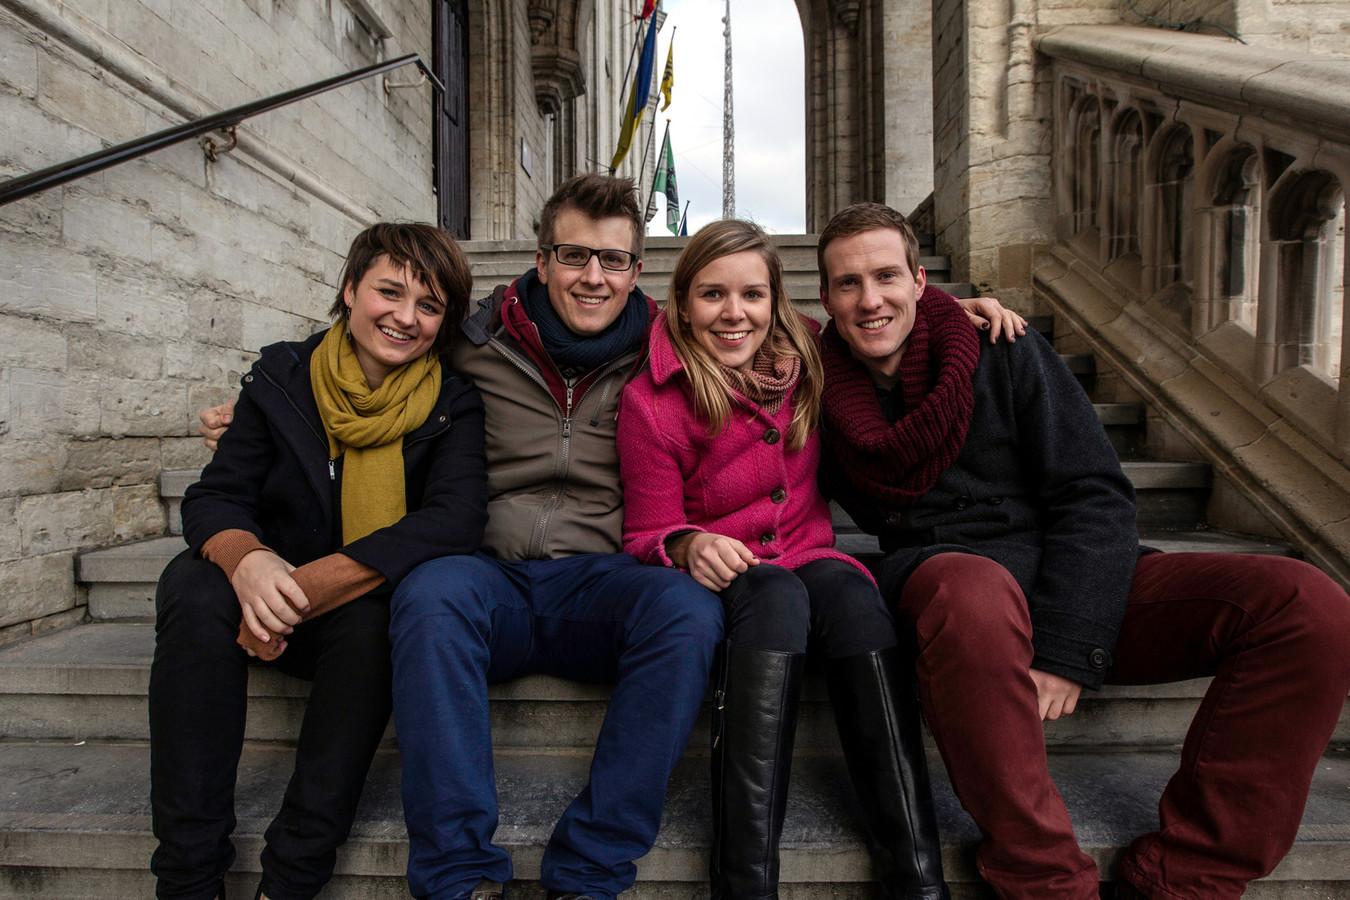 Eline Dhaen, Kristof Van Gansen, Florence Verschueren en Koen Colpaert.